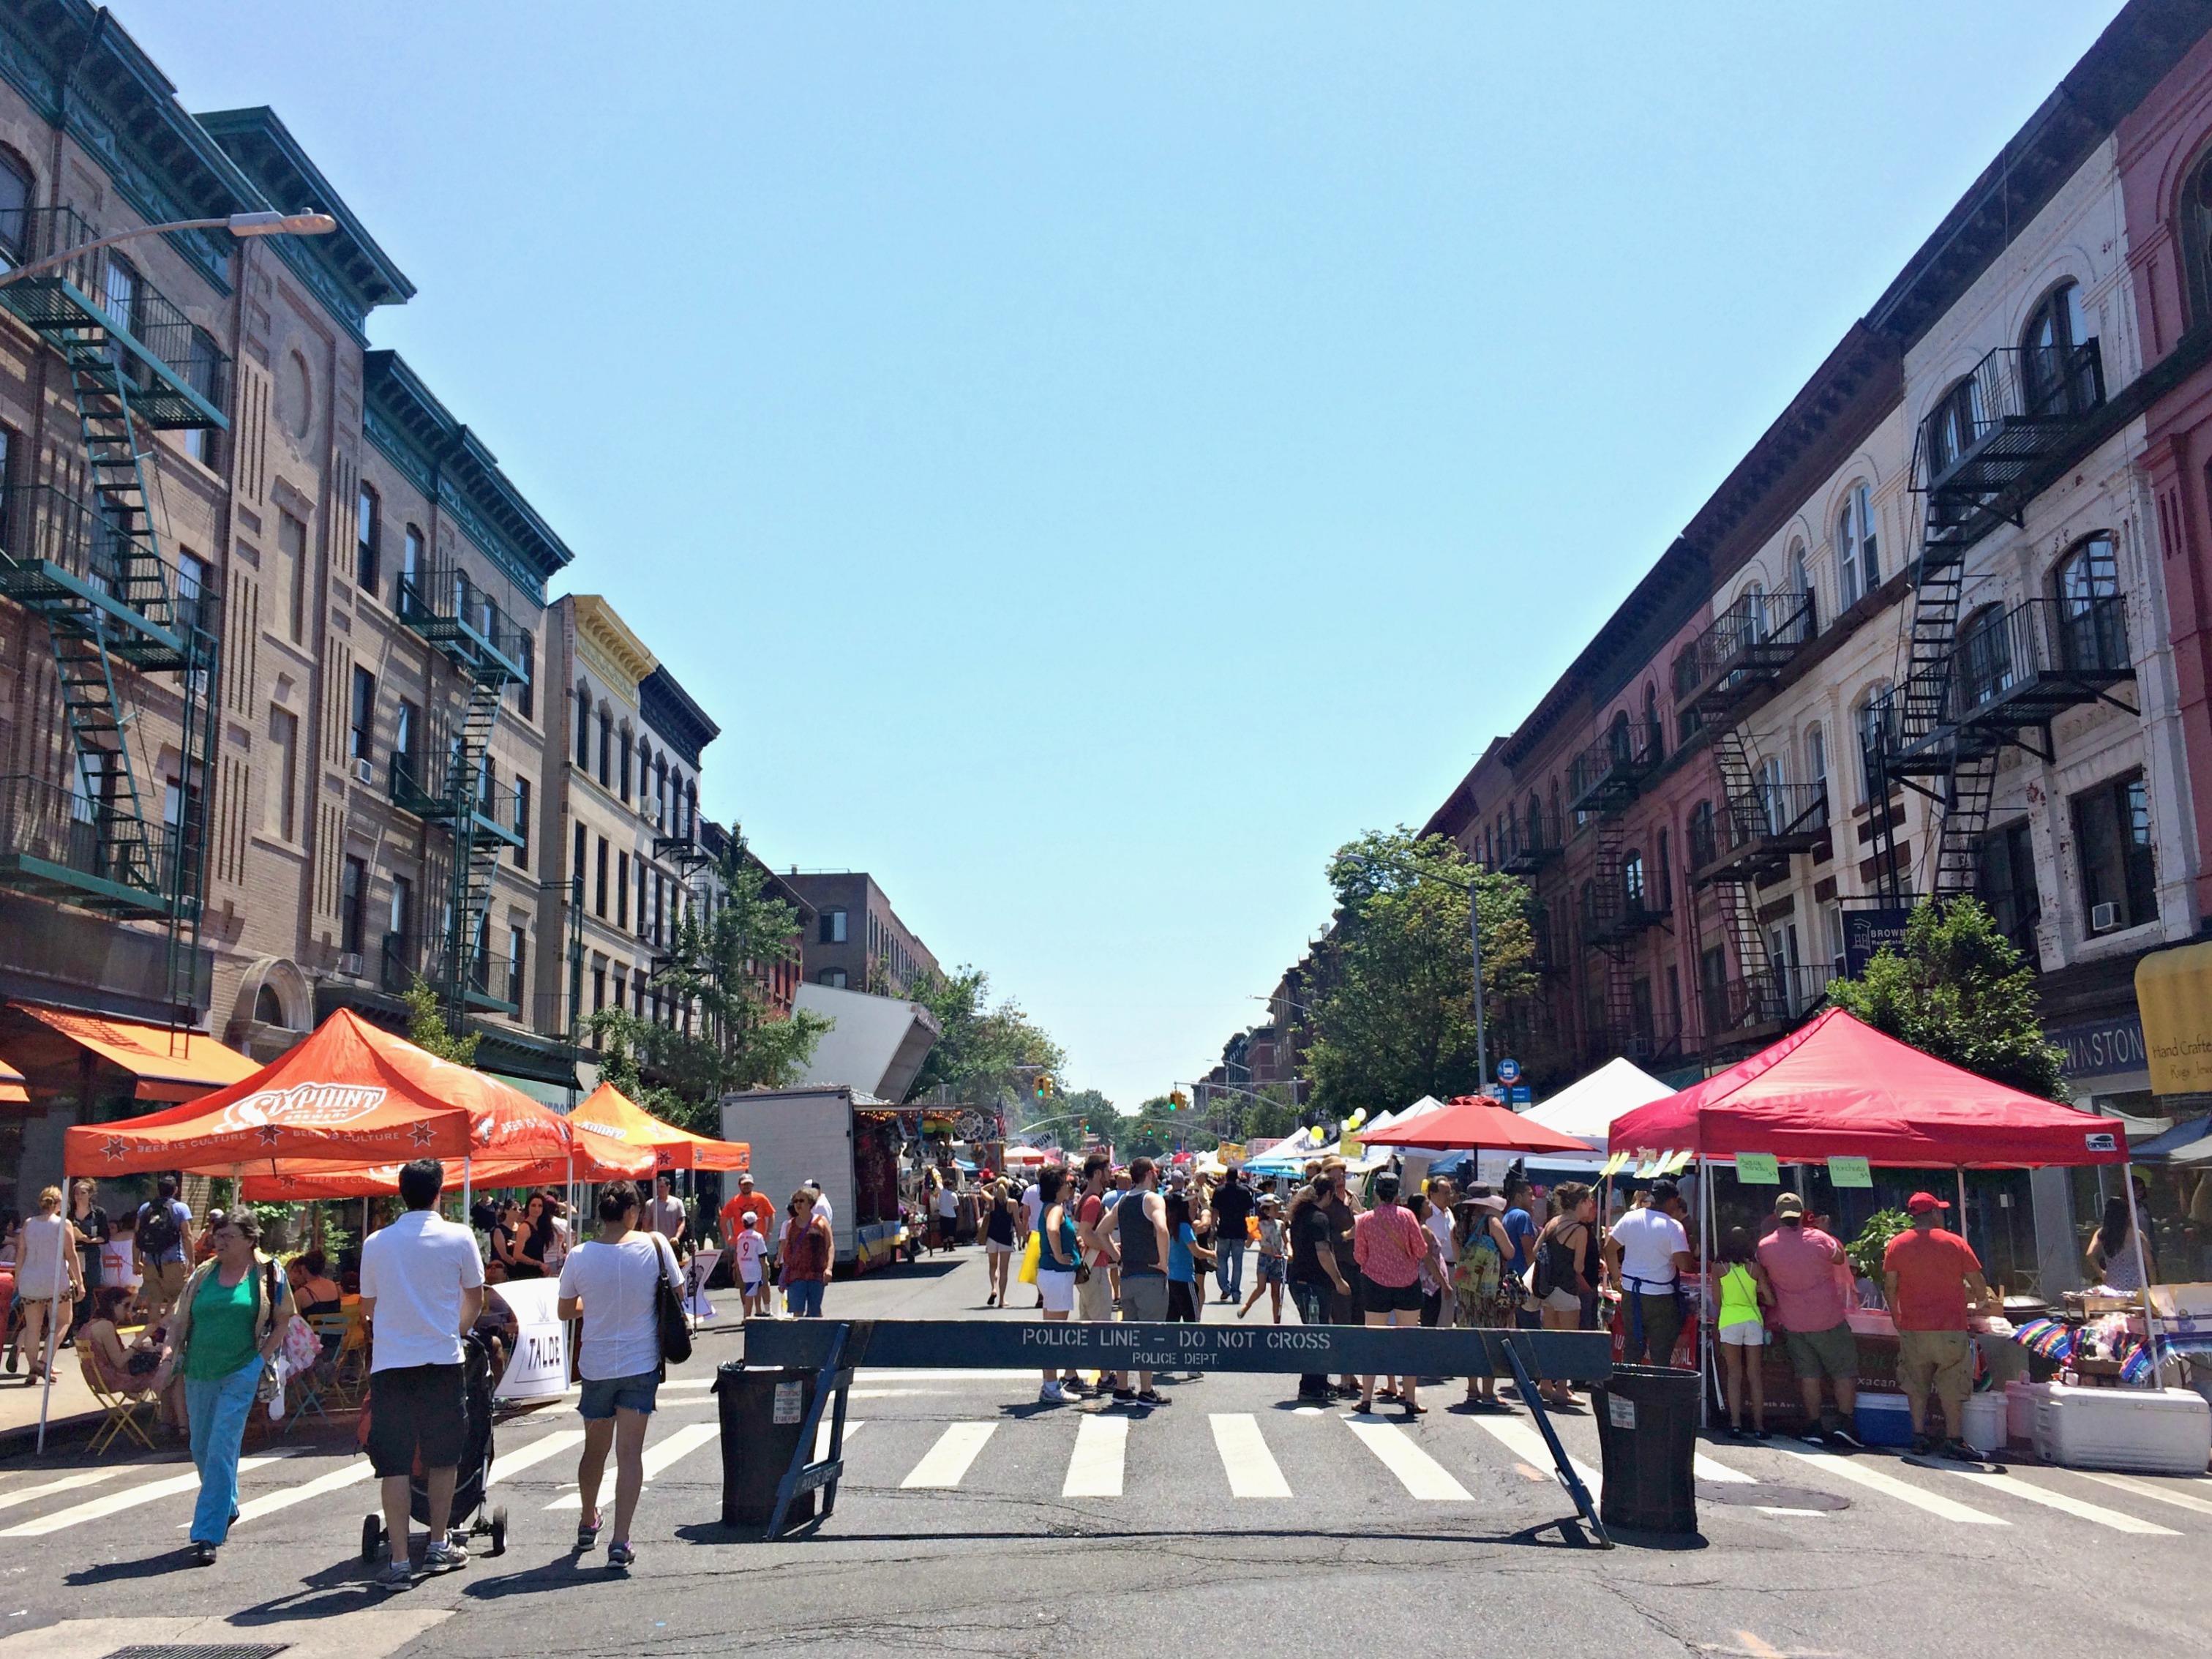 Park Slope weekend festival